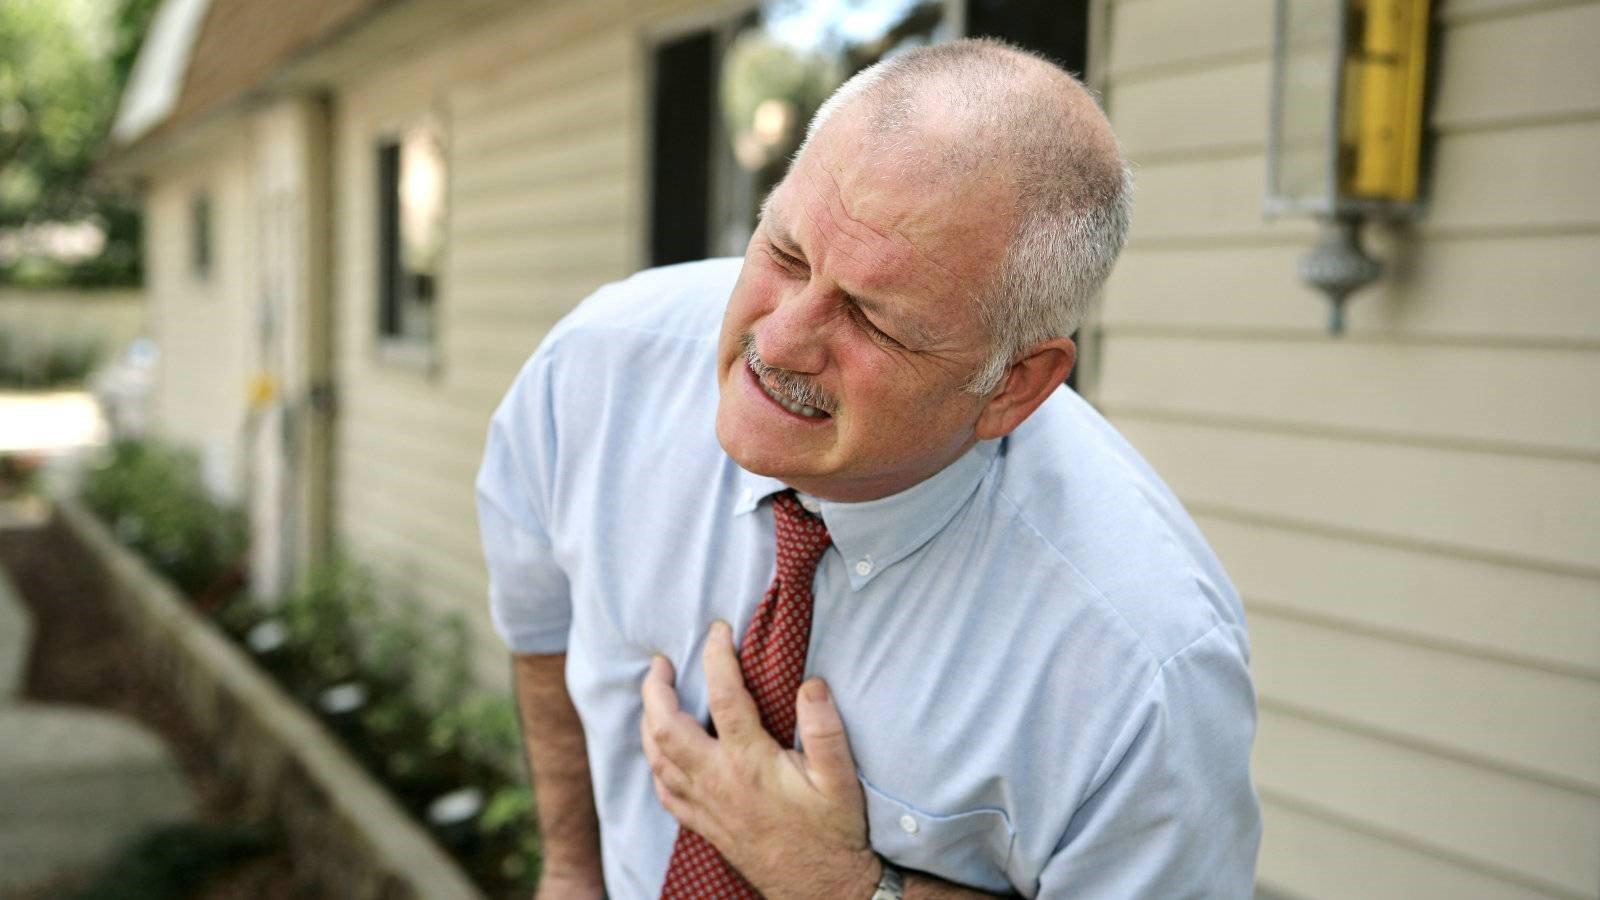 Cao huyết áp: Triệu chứng, nguyên nhân và cách điều trị